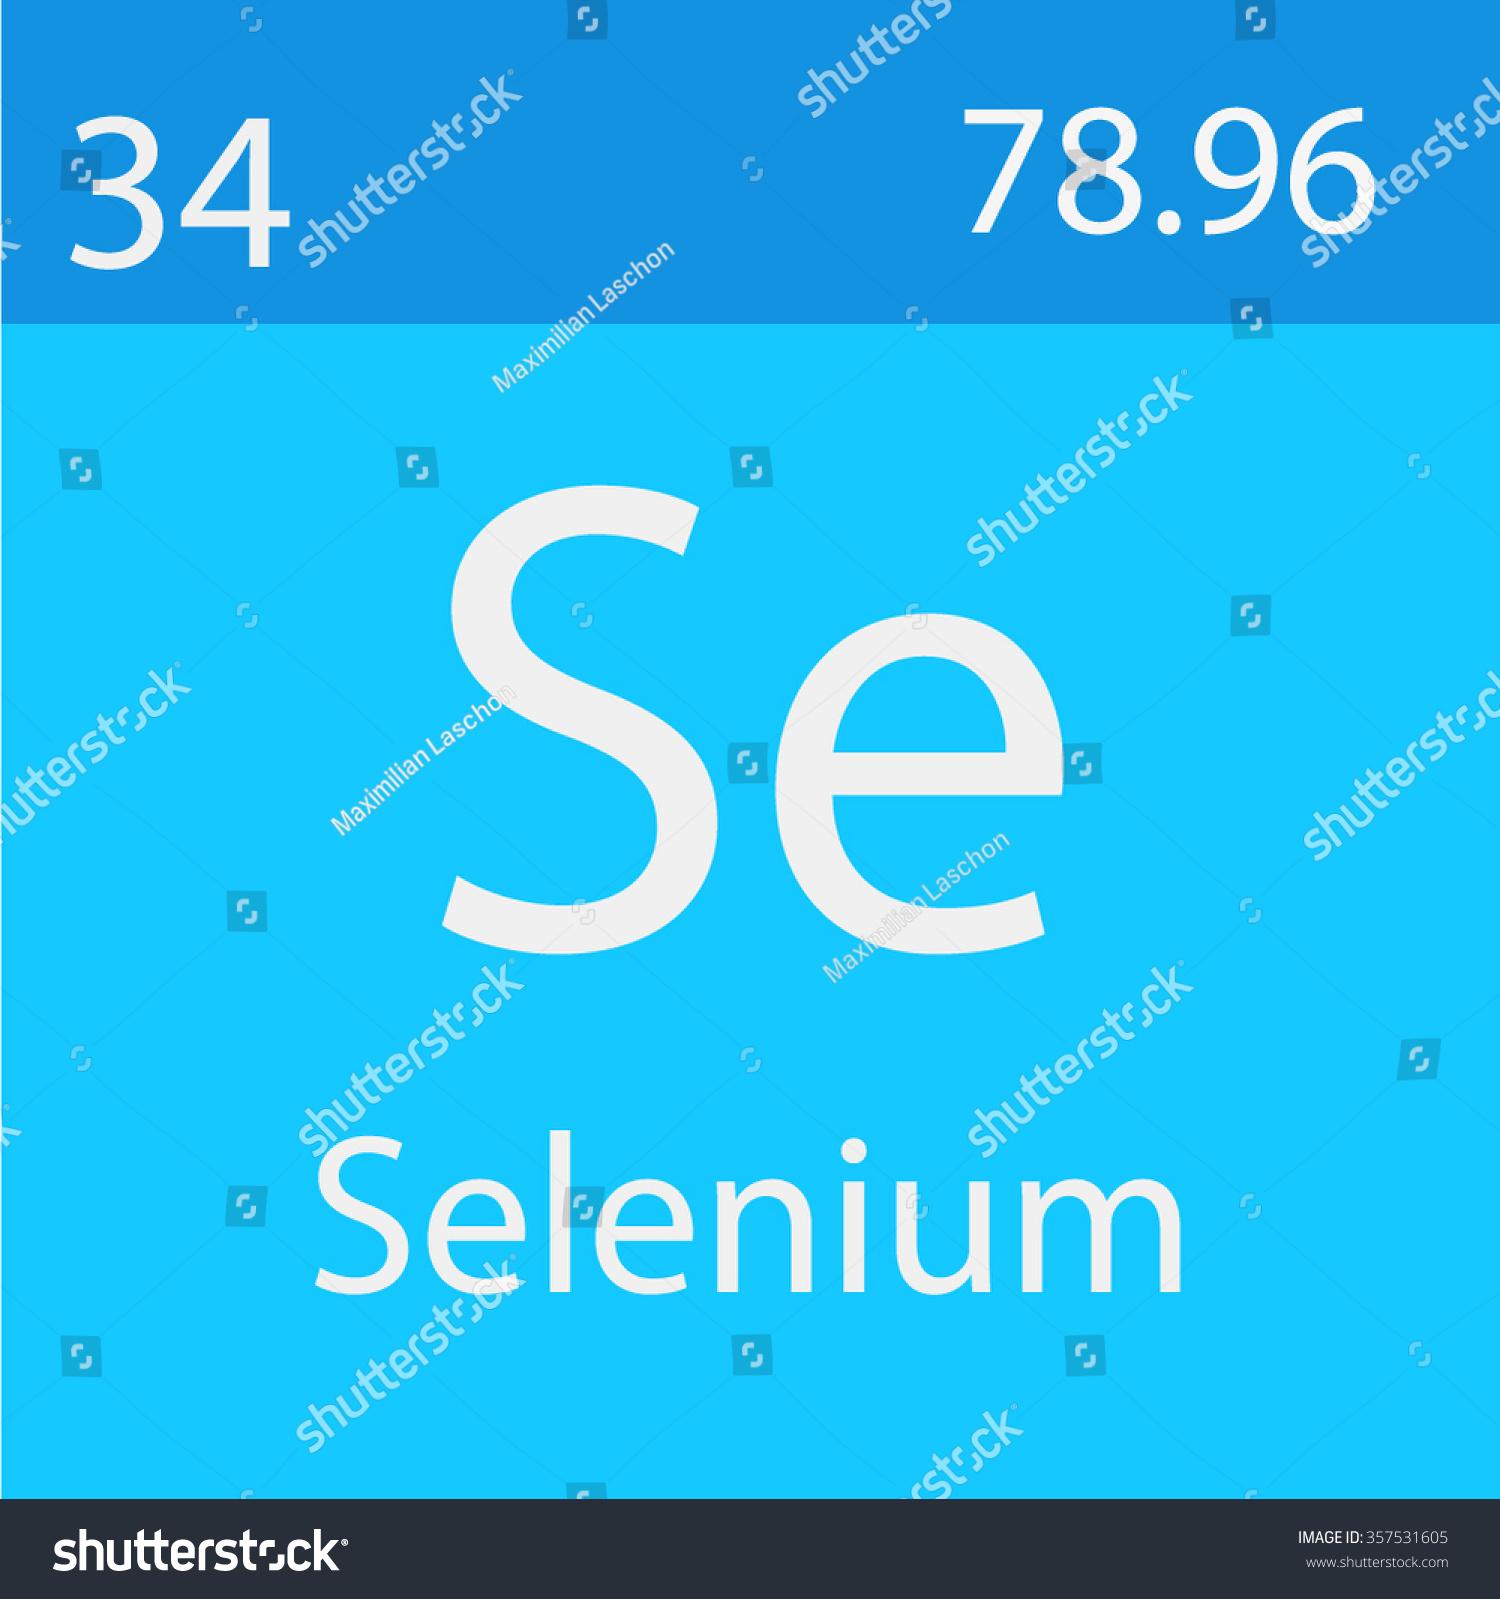 Selenium chemical symbol stock vector 357531605 shutterstock selenium chemical symbol buycottarizona